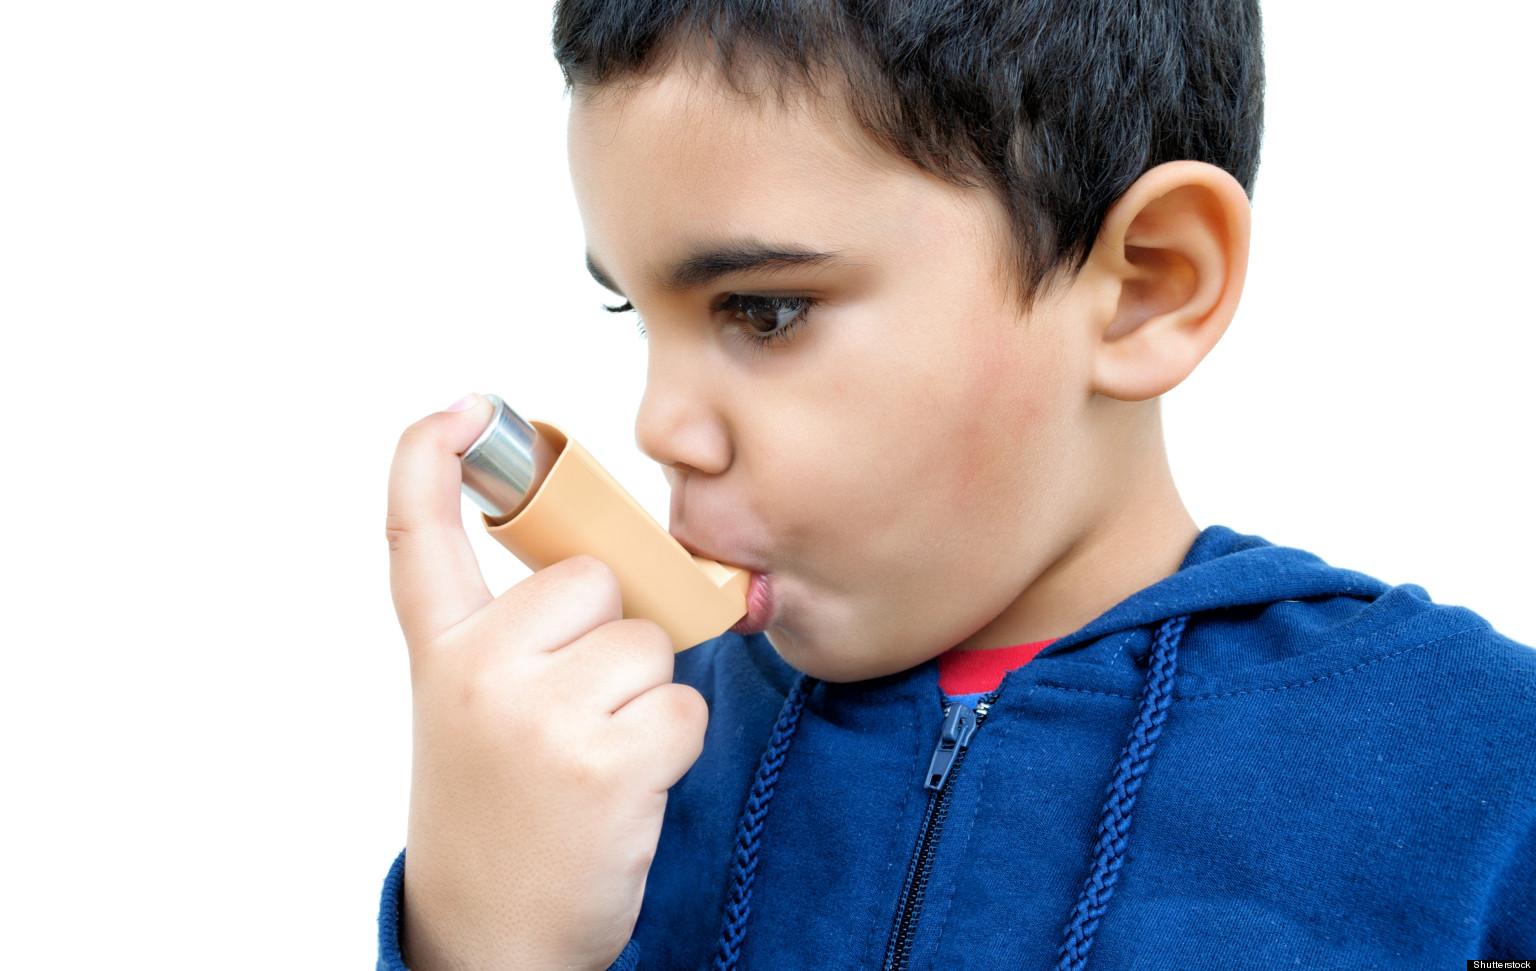 Лондонцы, рождённые втечение года до Великого смога, вдетстве страдали от астмы значительно чаще, чем люди других возрастных групп.